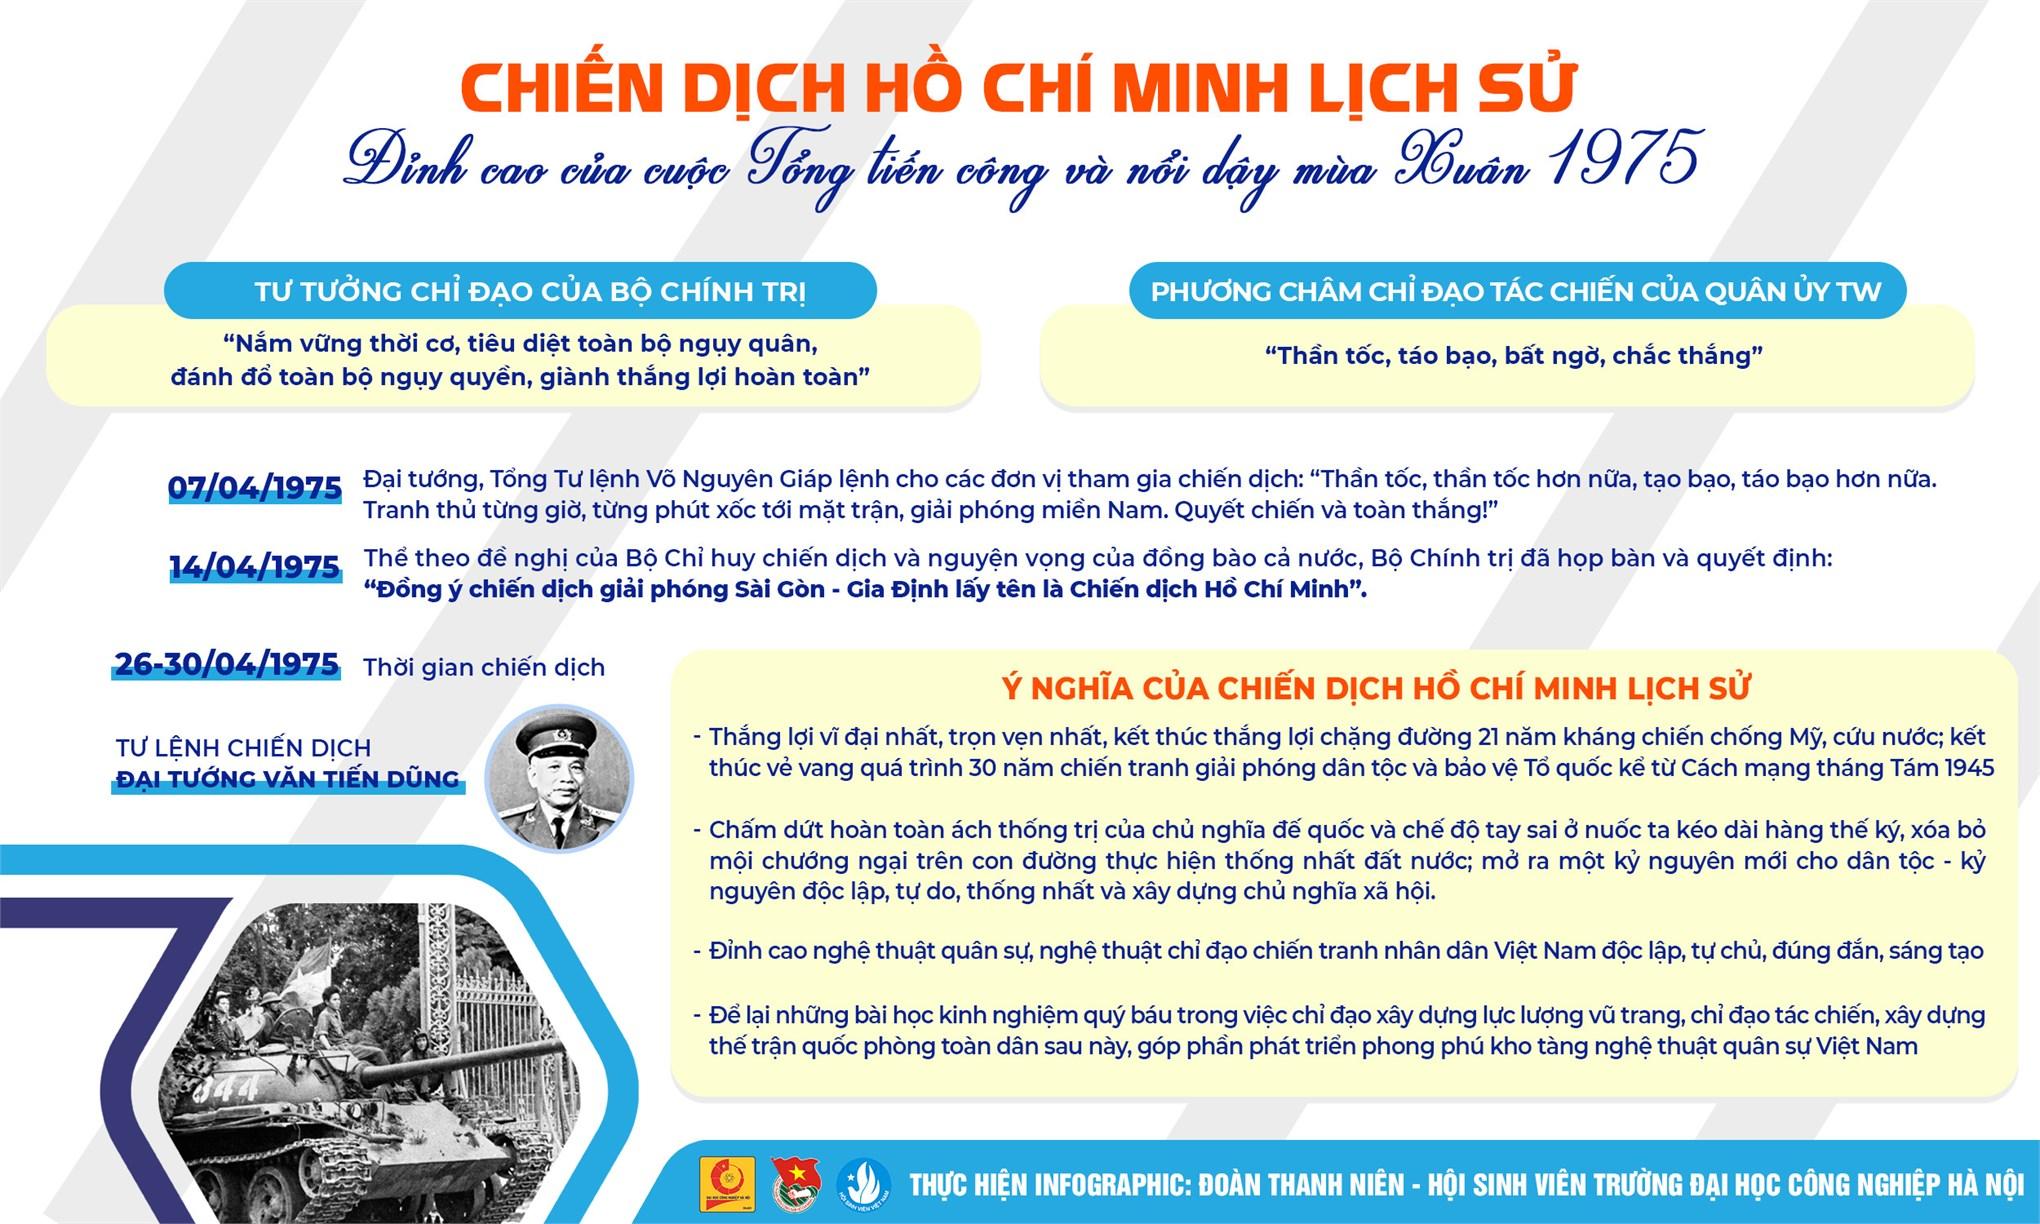 Chiến dịch Hồ Chí Minh lịch sử: Đỉnh cao của cuộc Tổng tiến công và nổi dậy mùa Xuân năm 1975